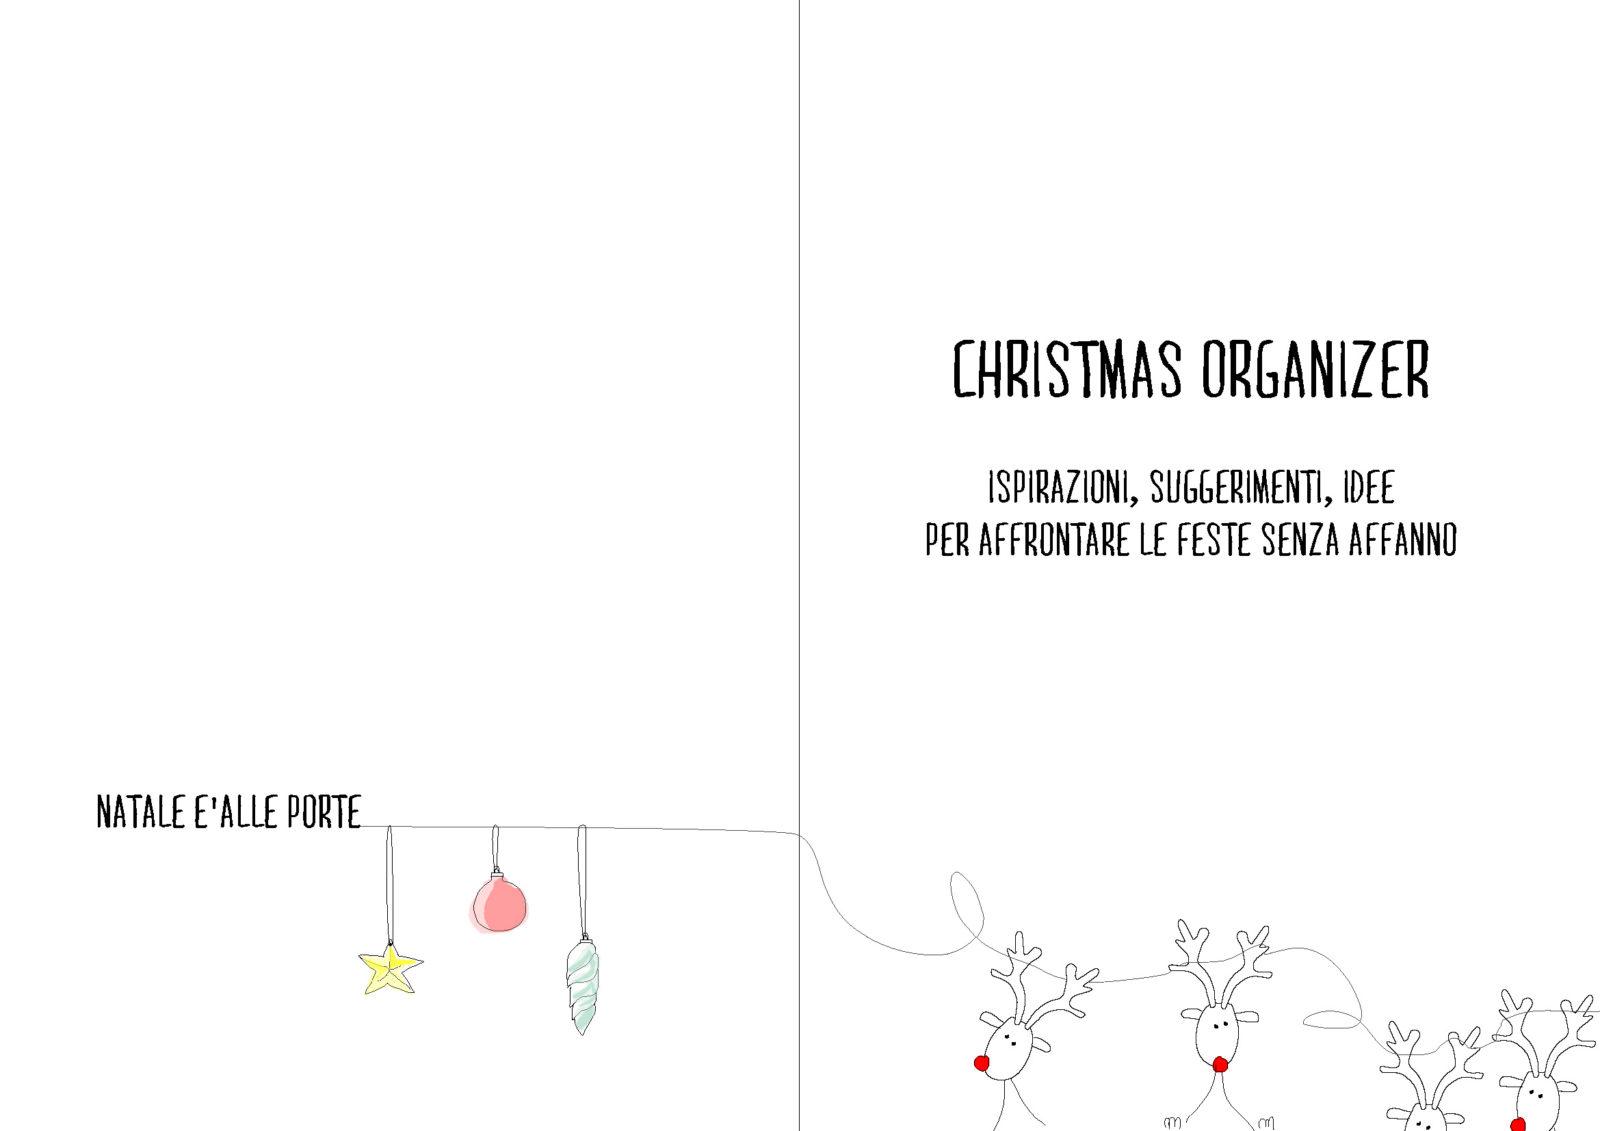 xmas organizer_Pagina_01